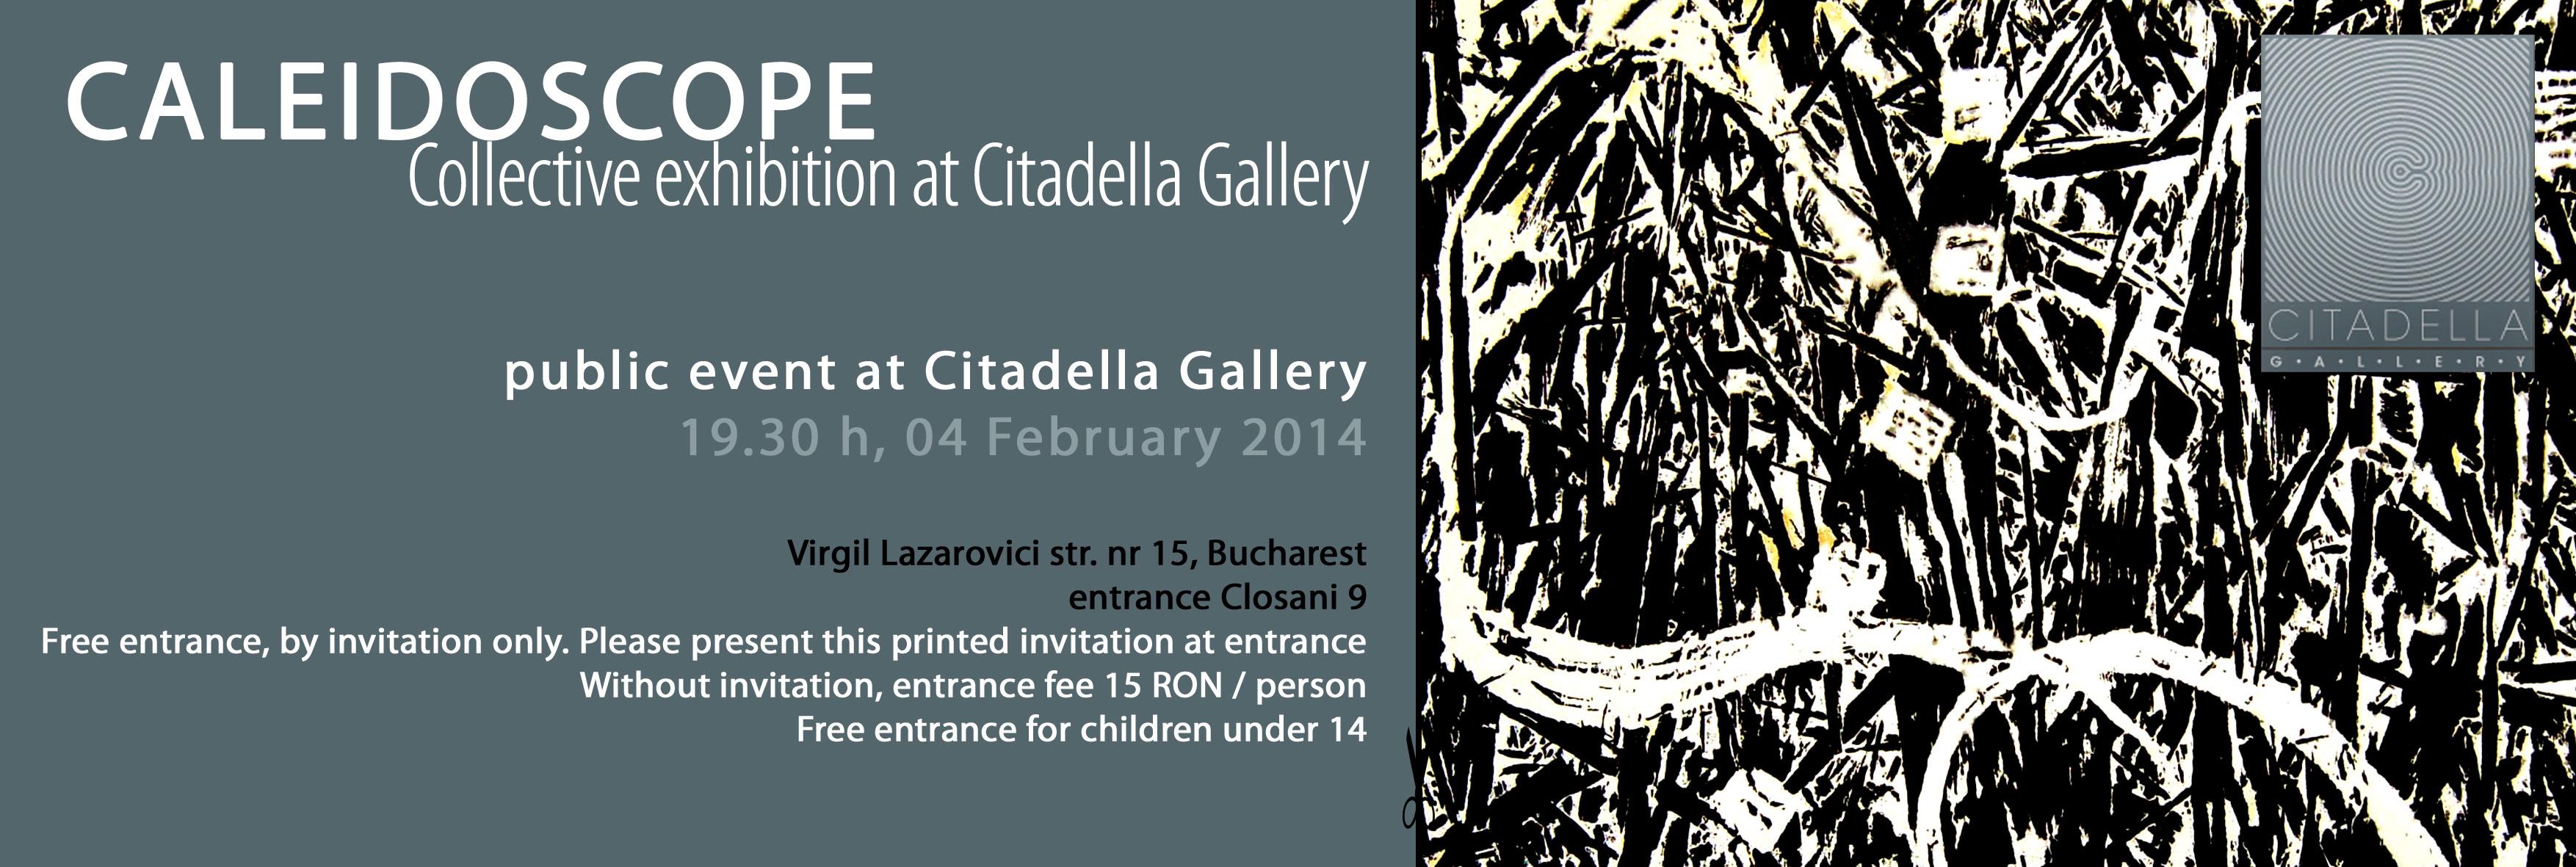 Caleidoscope – expoziție colectivă la Citadella Gallery, București